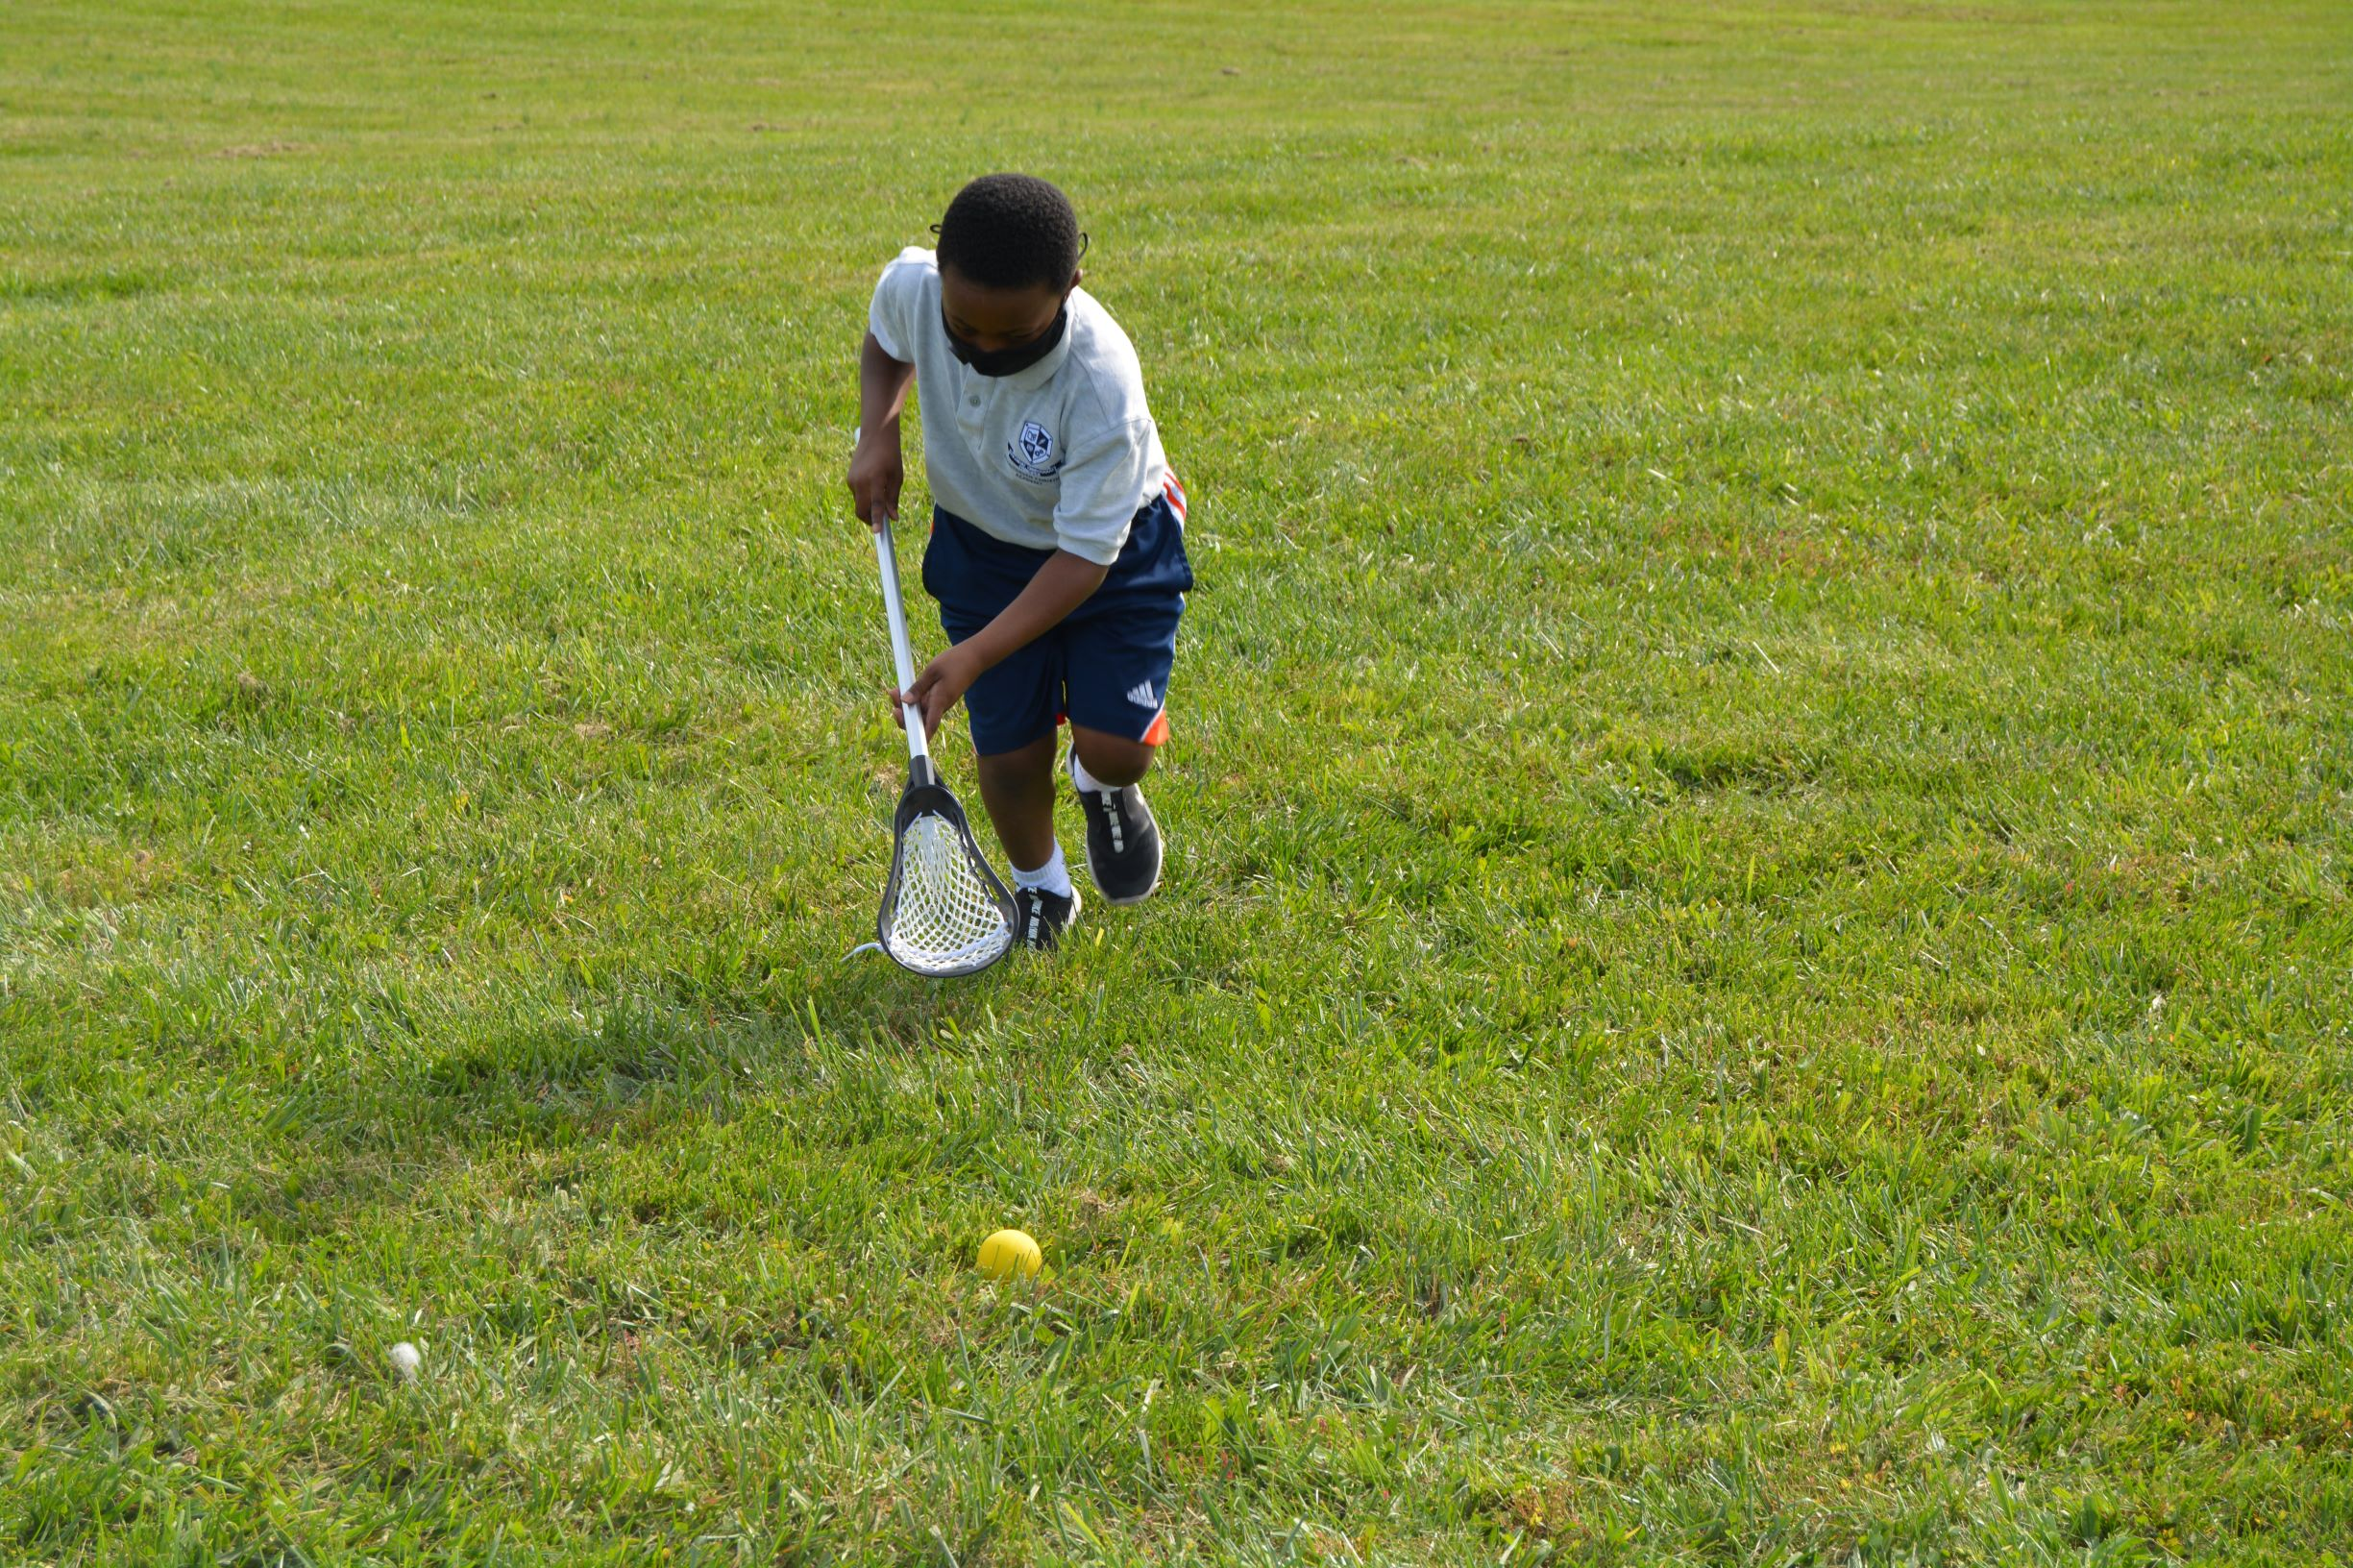 Lacrosse - LS boy